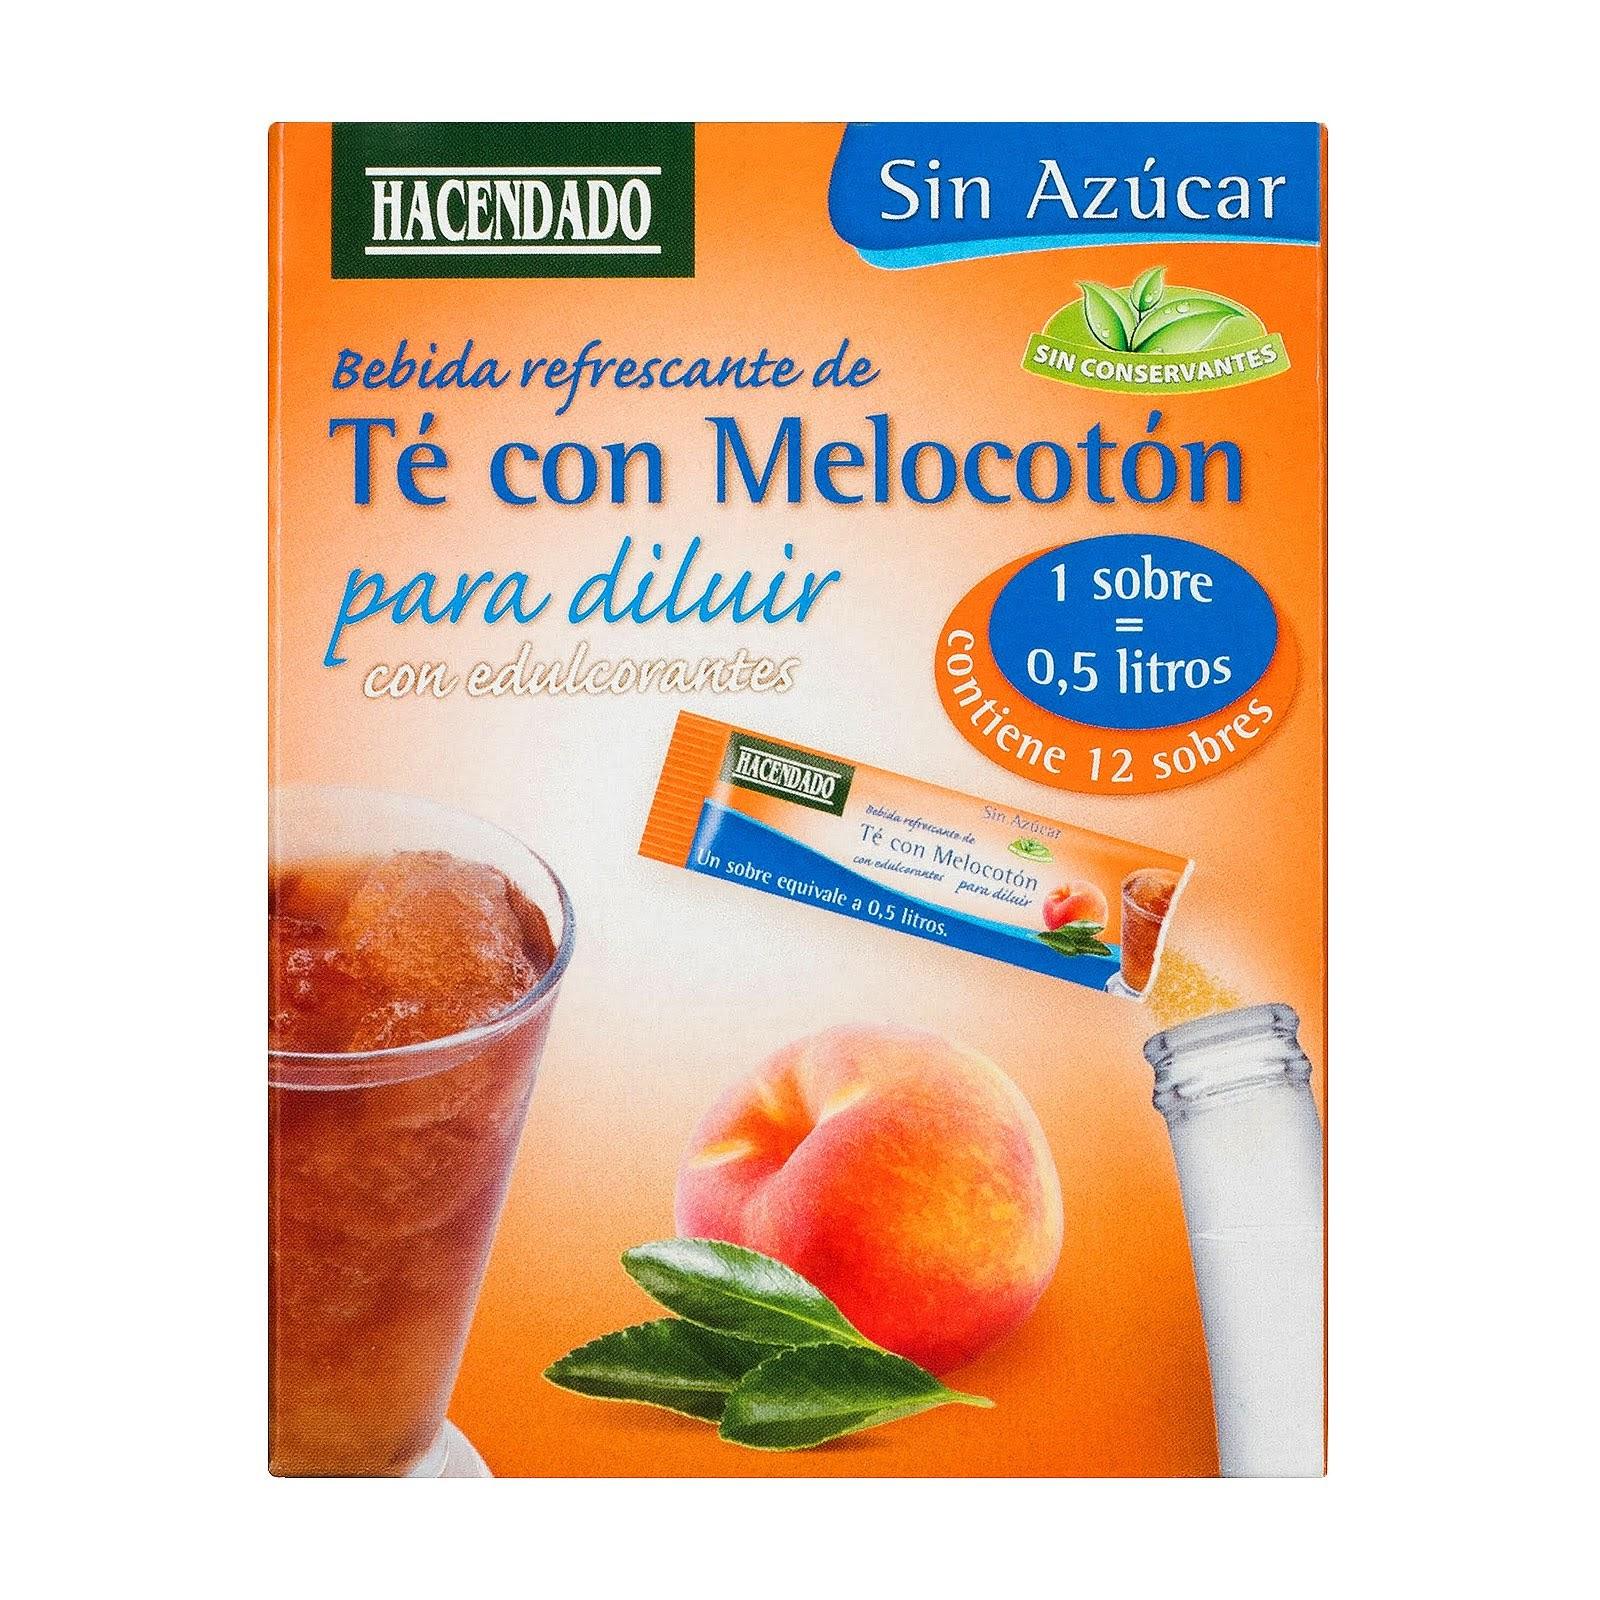 Bebida refrescante de té con melocotón para diluir Hacendado